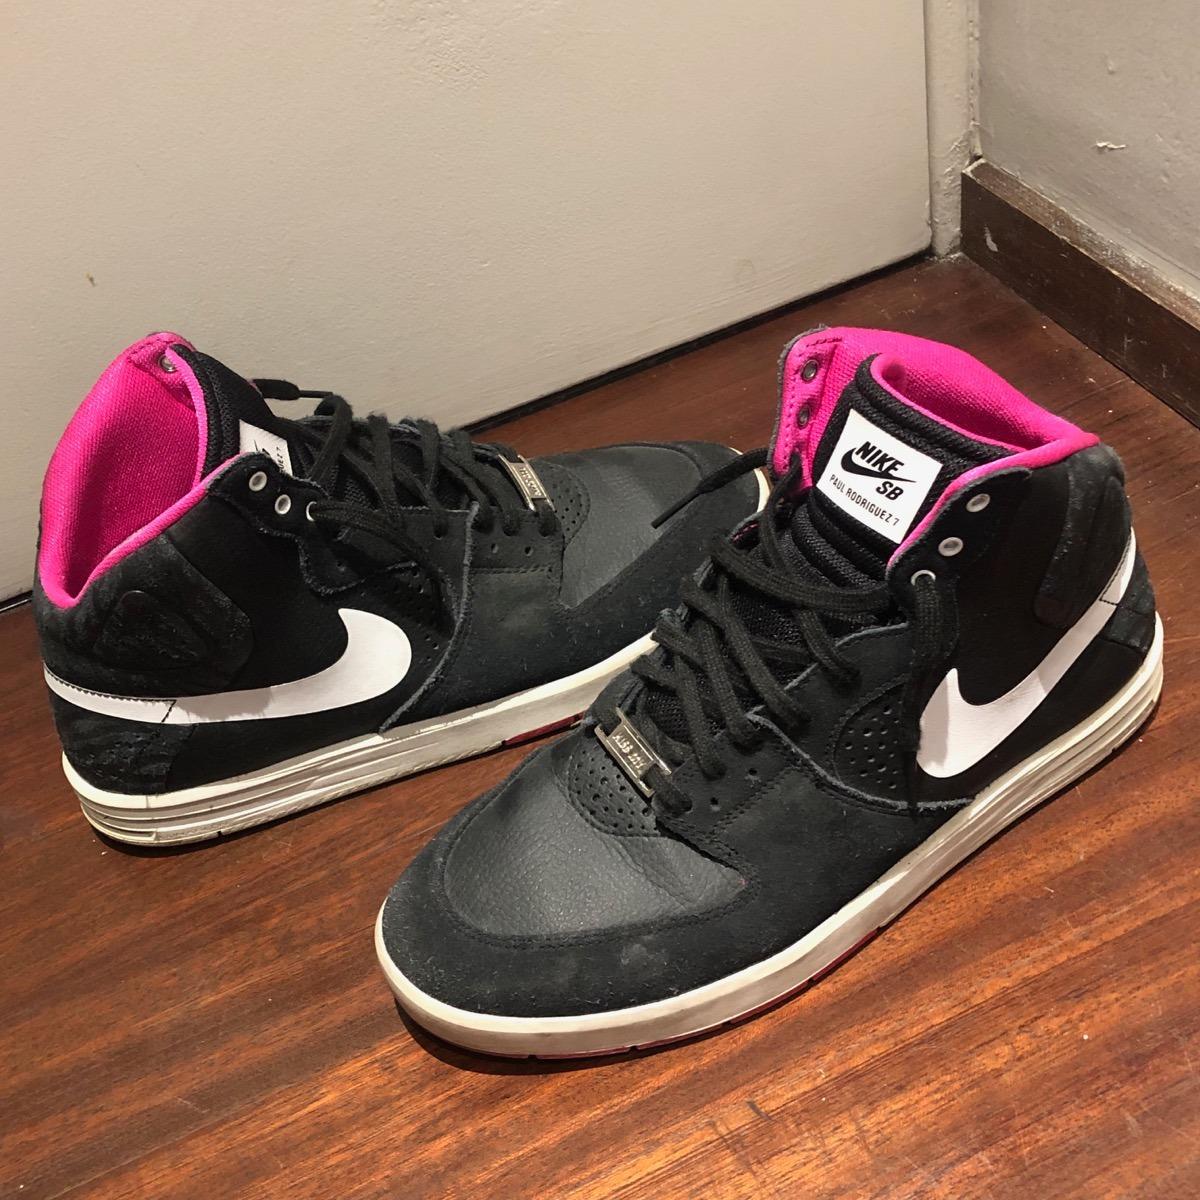 d2da2e9d16 zapatillas nike sb paul rodriguez 7 botitas negras con rosa. Cargando zoom.